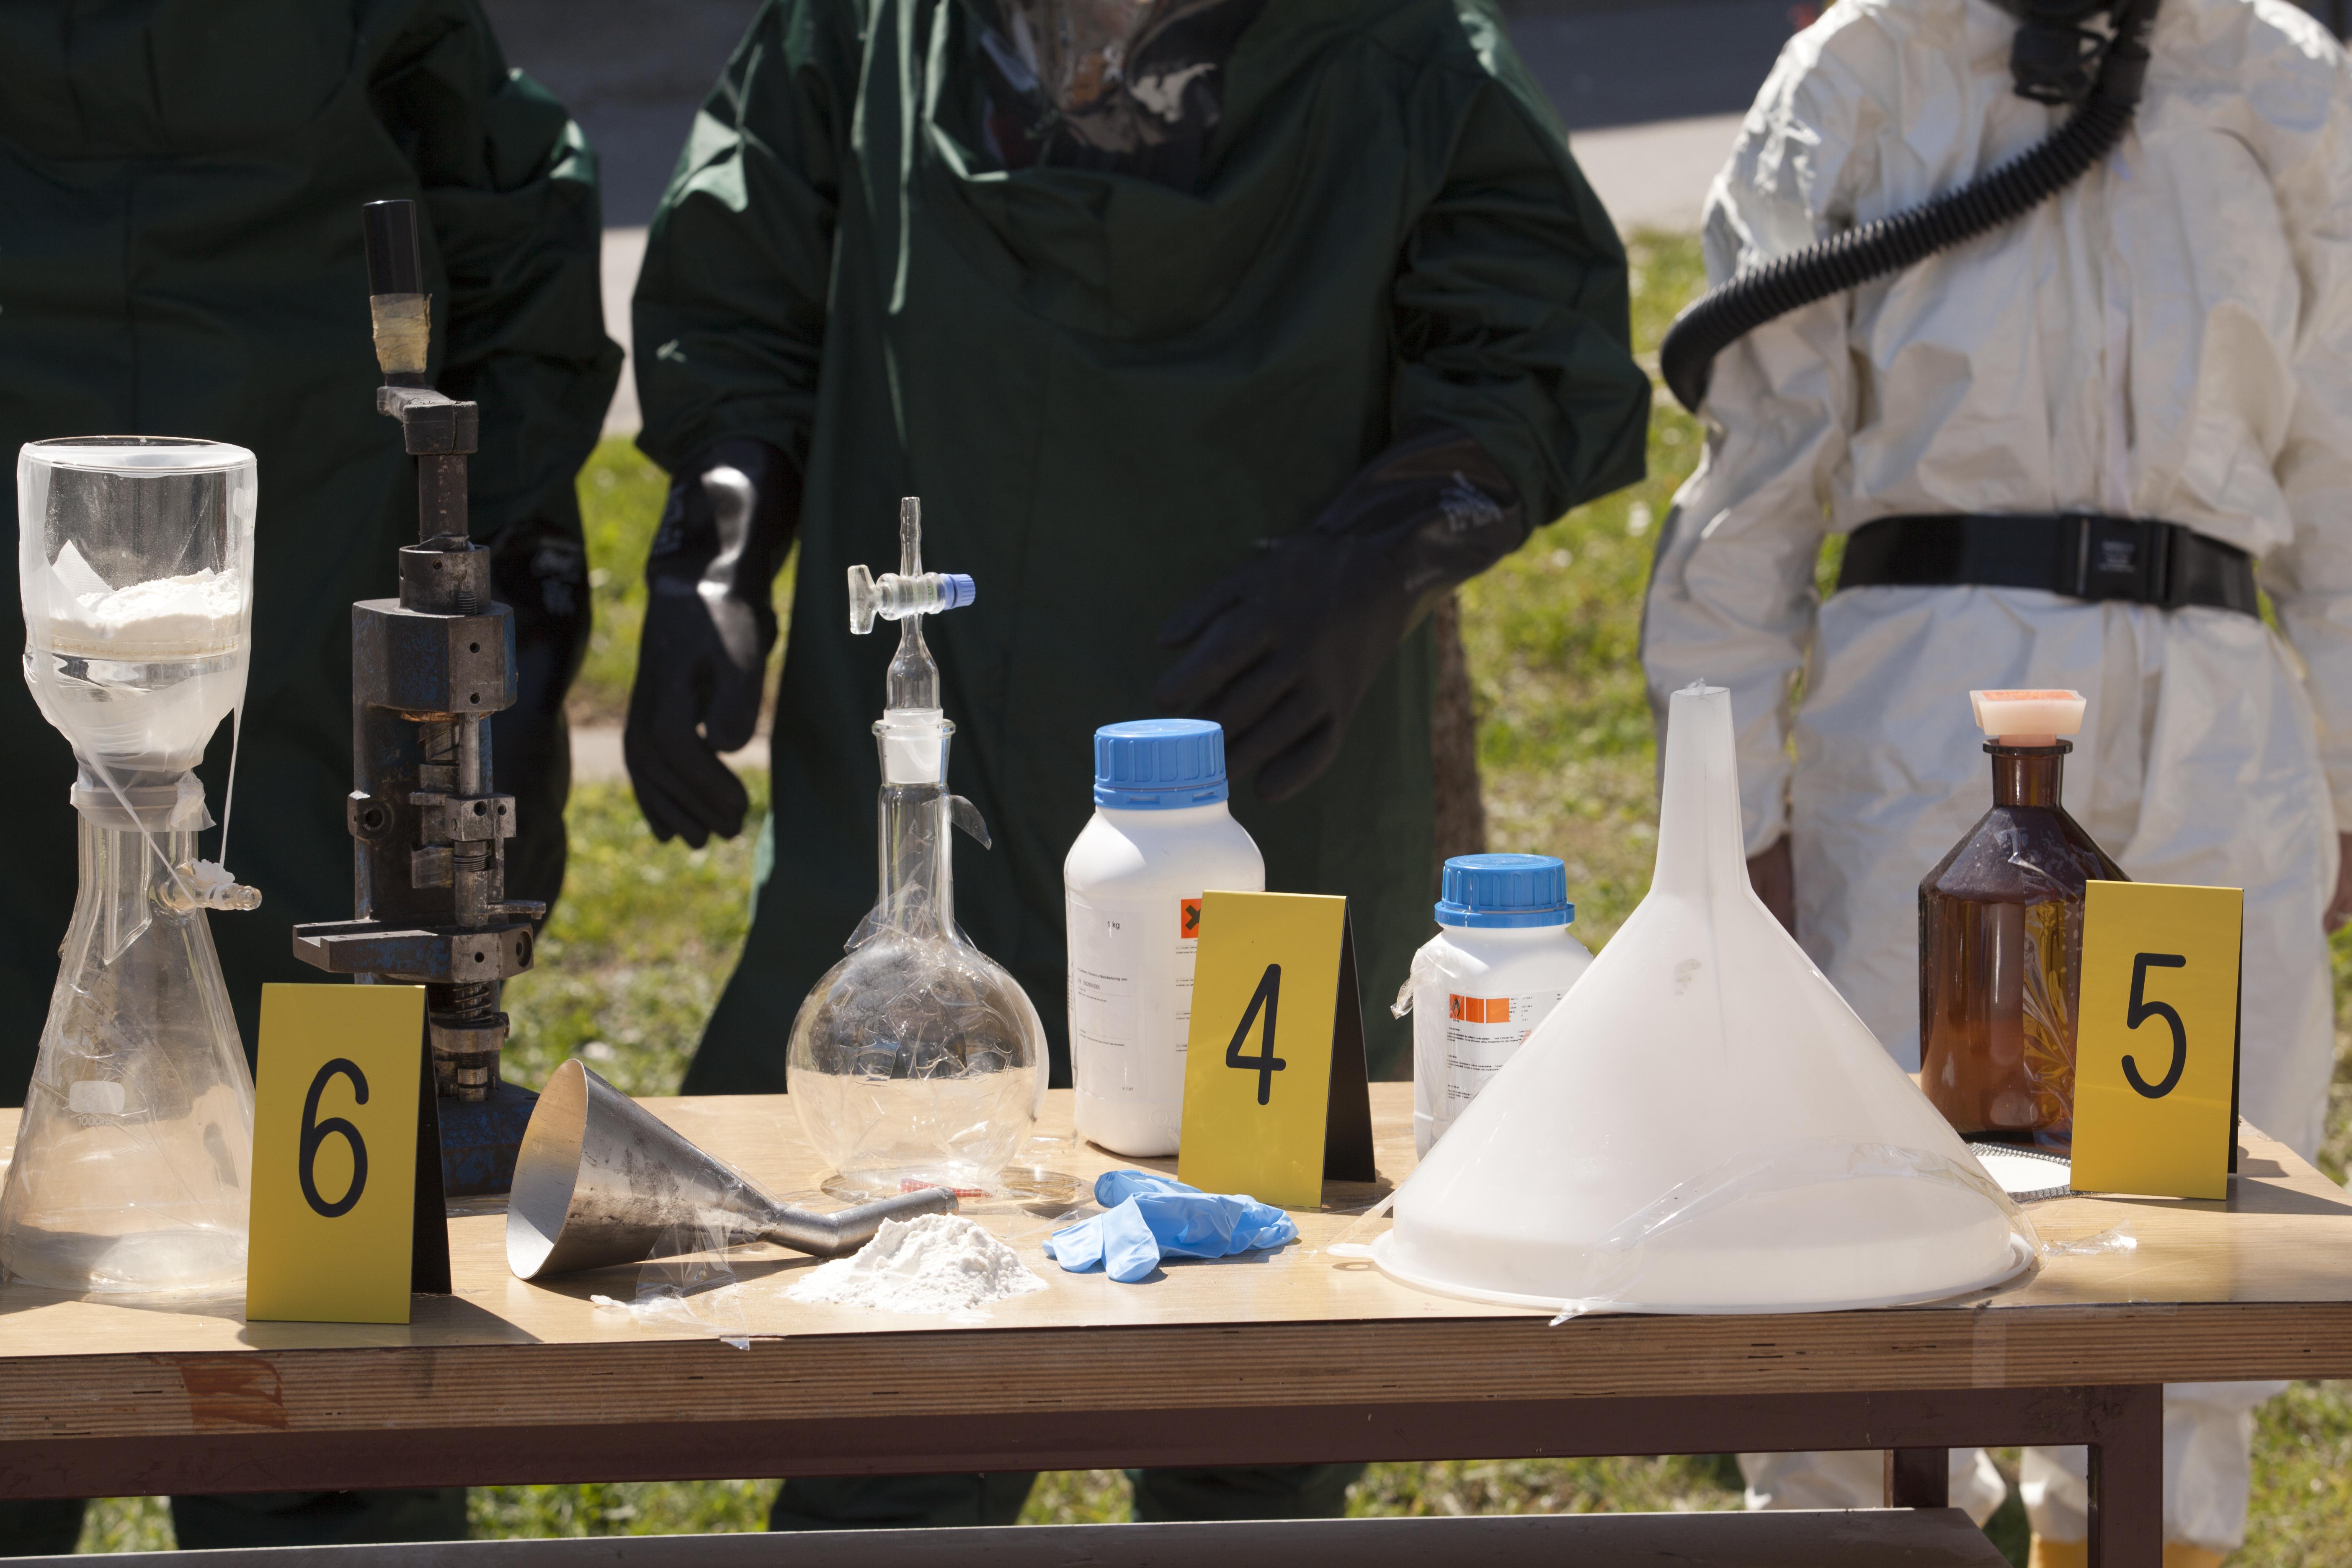 meth cleanup, lab paraphernalia